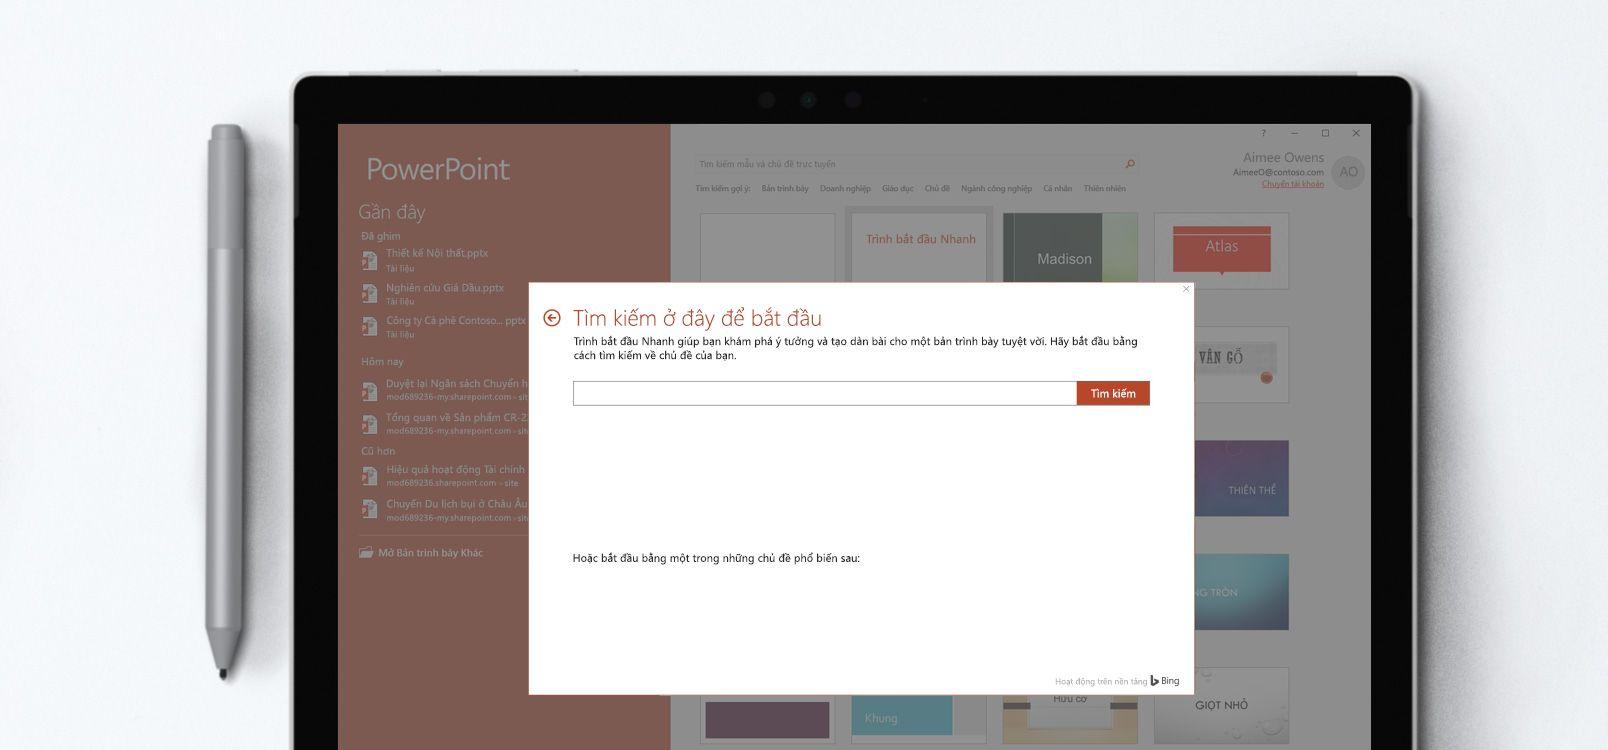 Màn hình máy tính bảng hiển thị tài liệu PowerPoint sử dụng tính năng Trình bắt đầu Nhanh